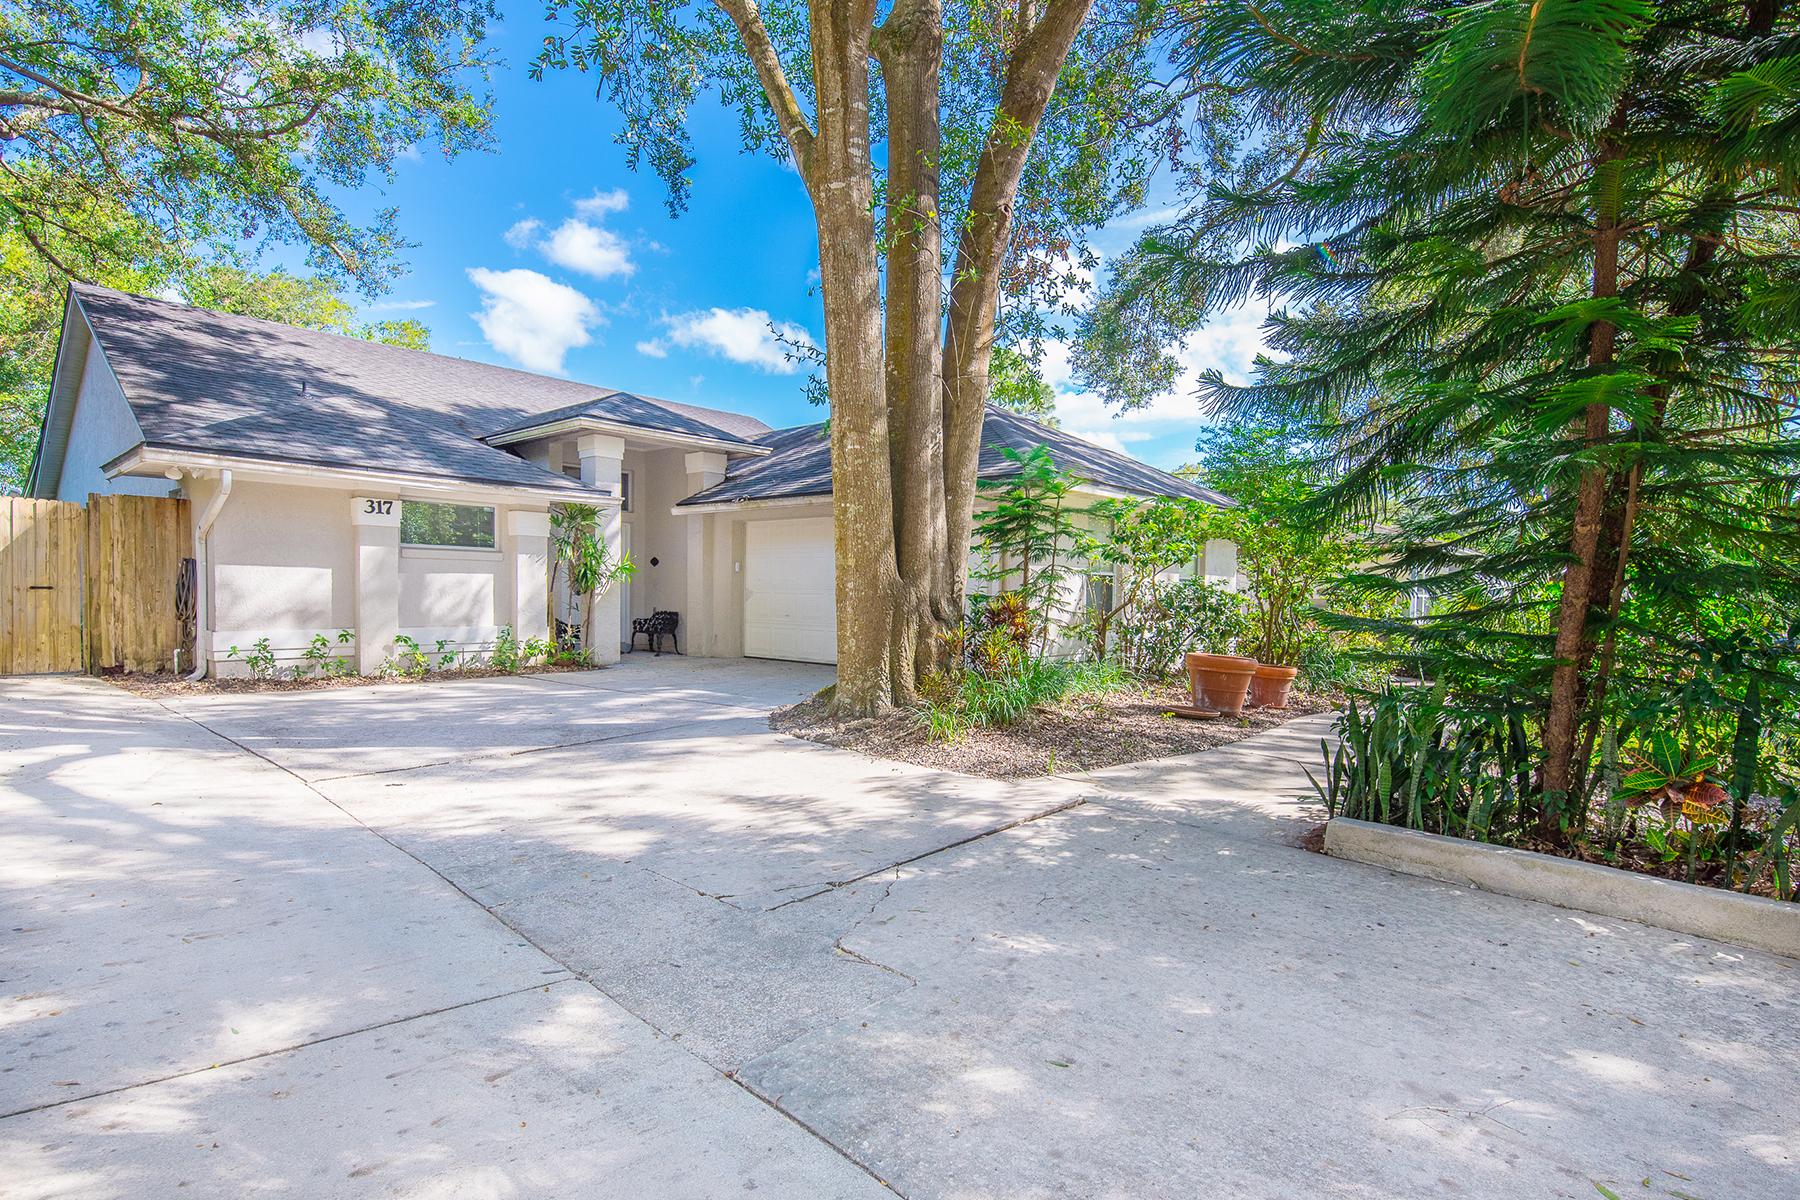 Enfamiljshus för Försäljning vid NORTH ORLANDO - ALTAMONTE SPRINGS 317 Ridgewood St Altamonte Springs, Florida 32701 Usa